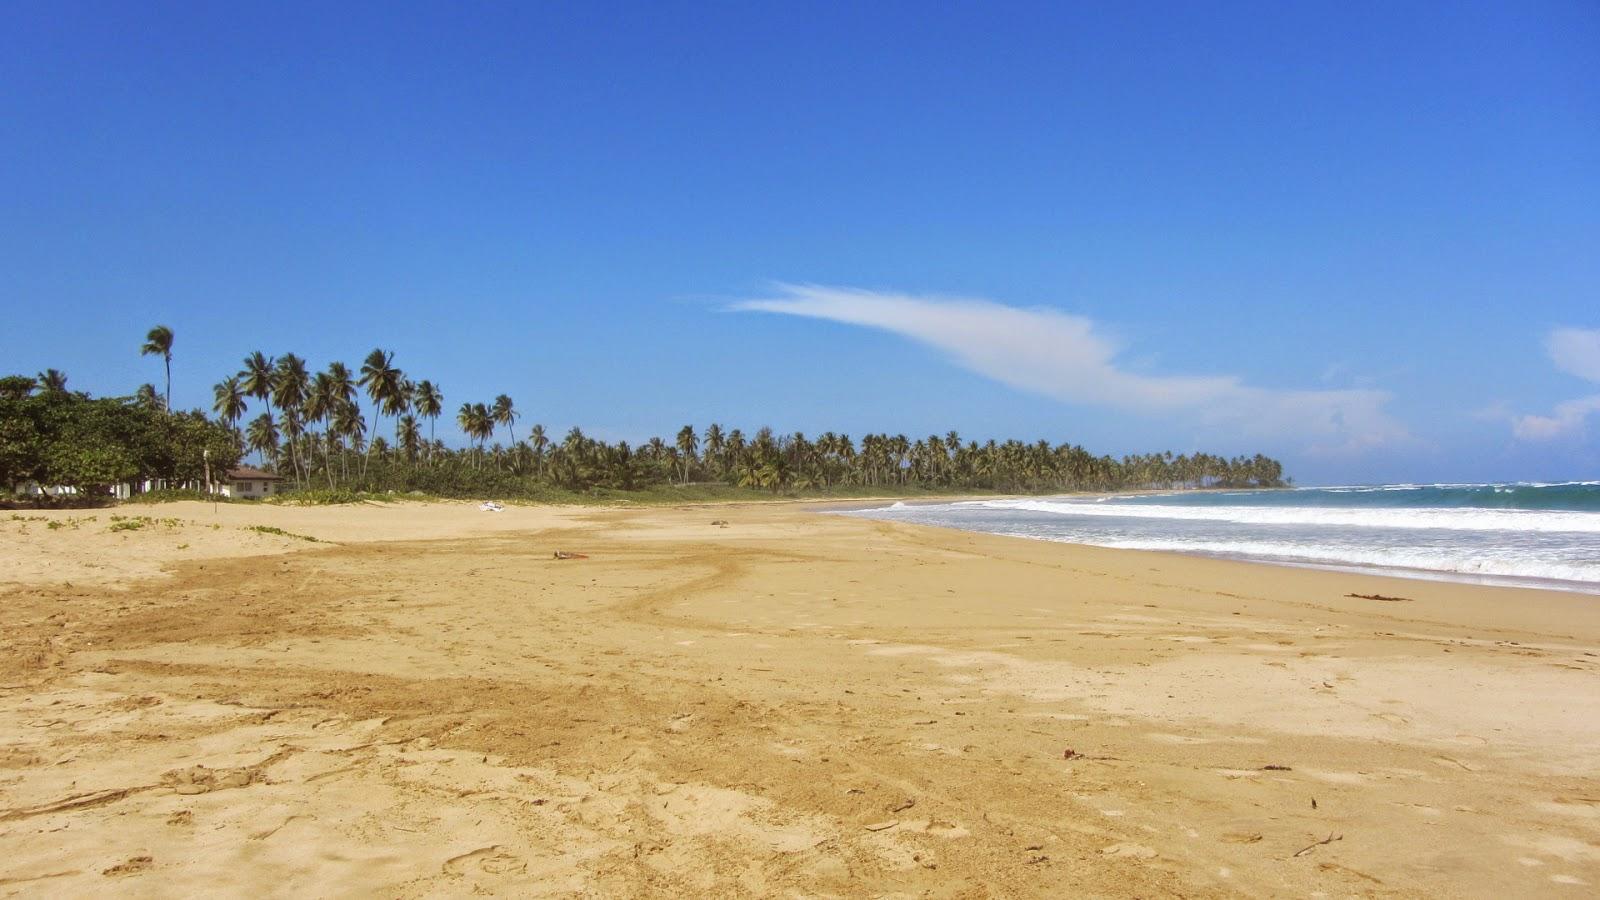 Playa El Limon Las Terrenas